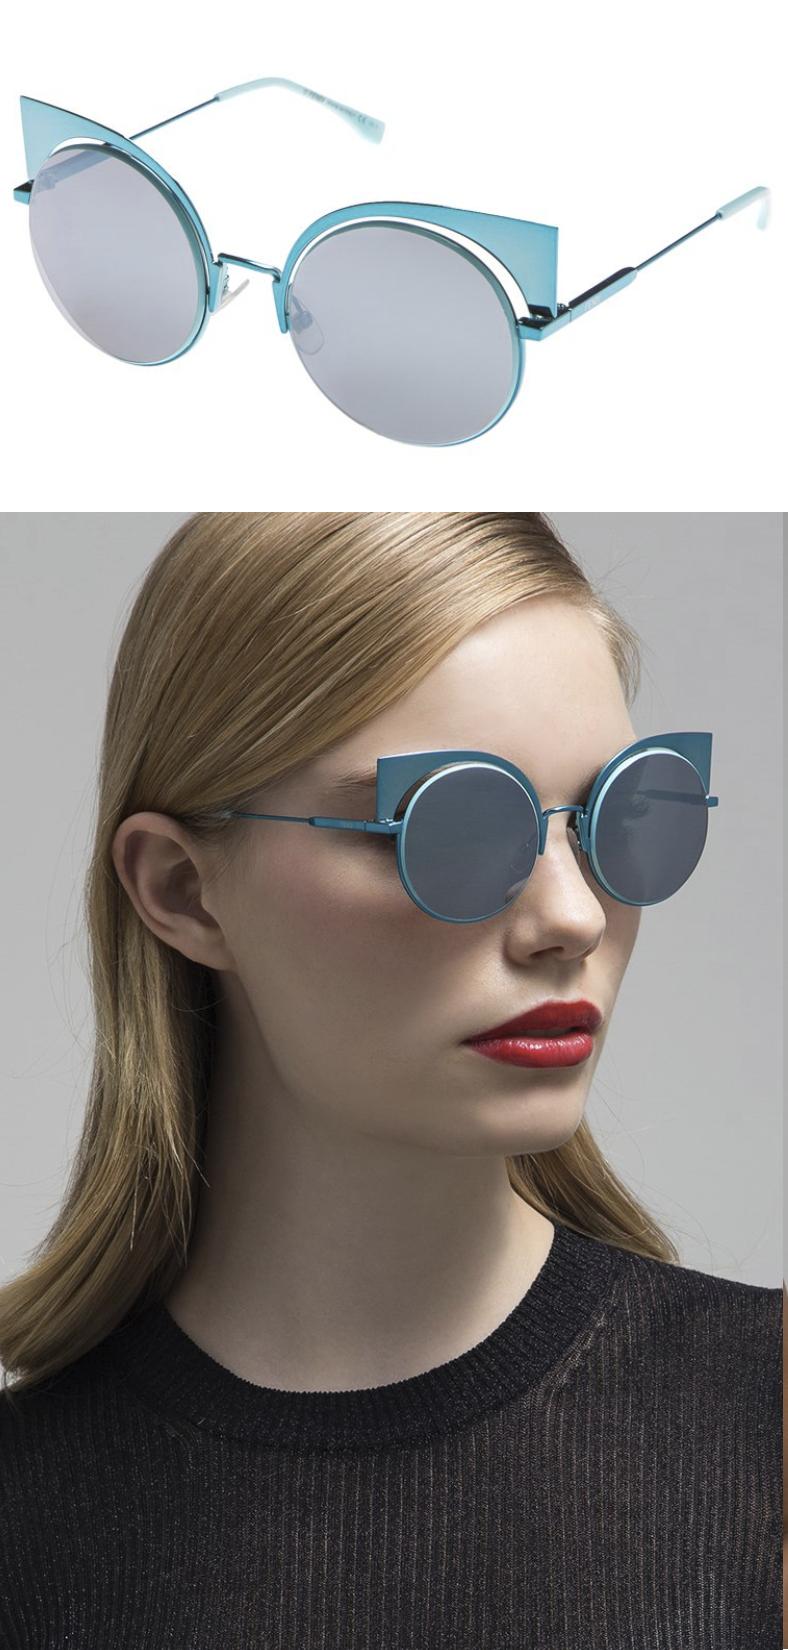 dc9545a81a7ab FENDI sunglasses turquoise FF 0177 S W5I